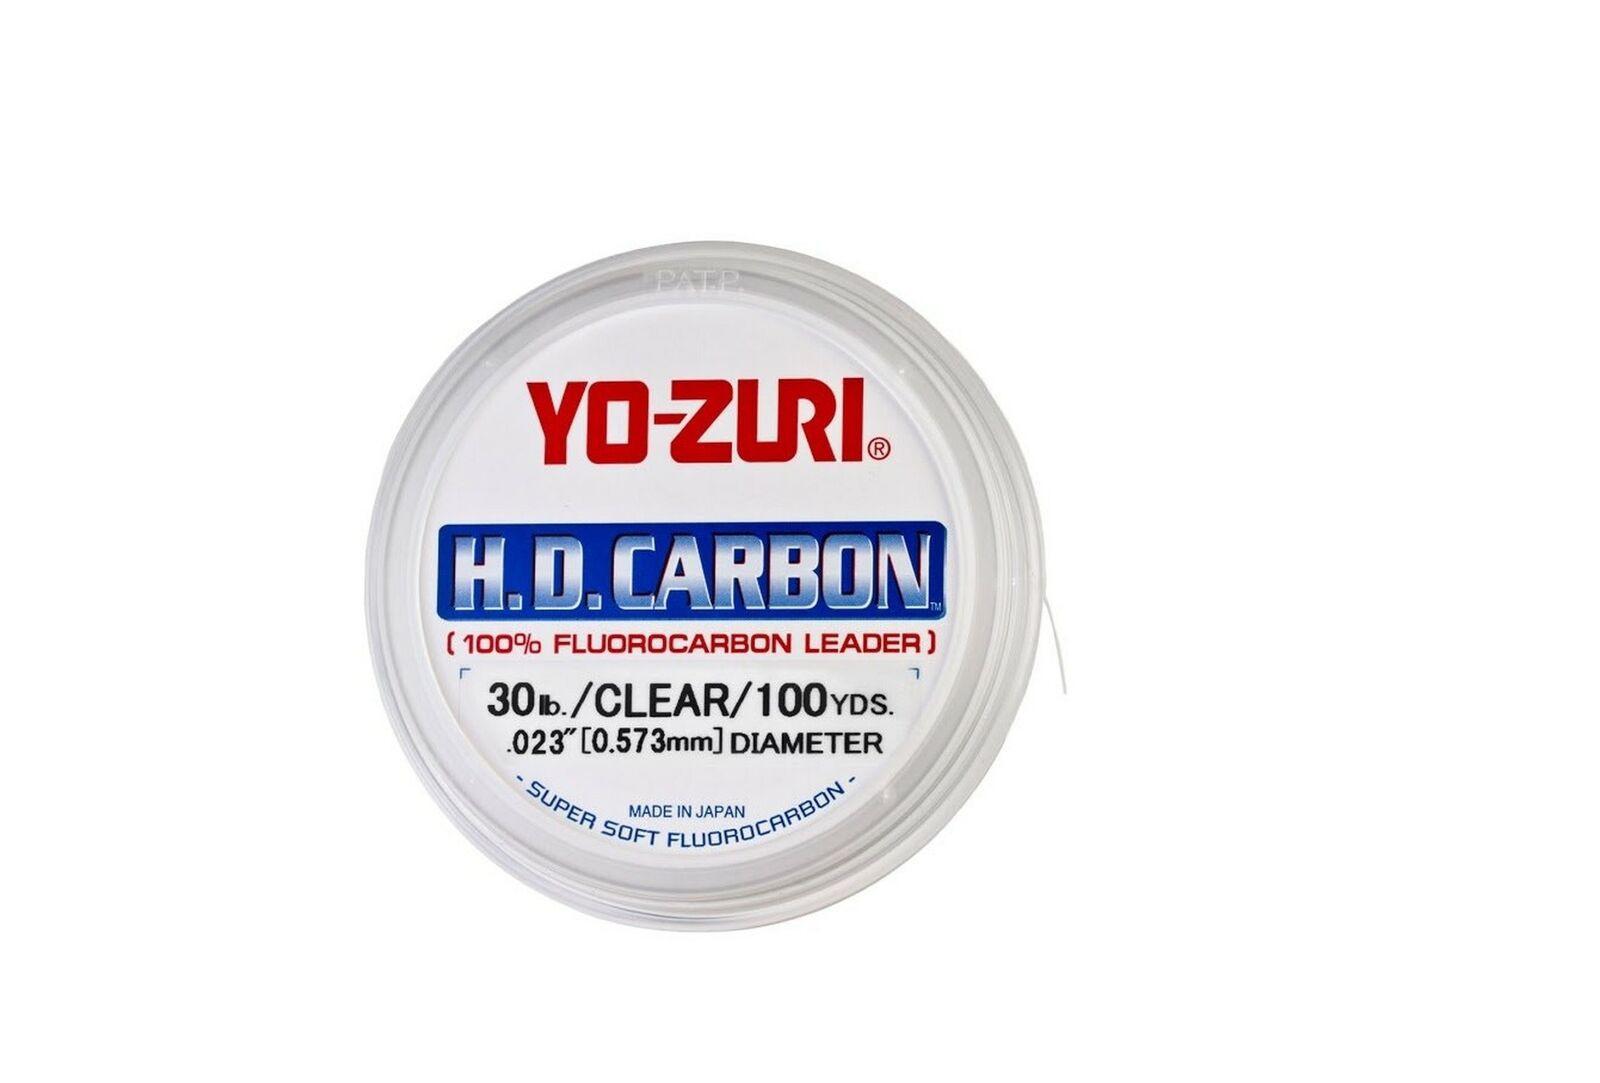 H.D.CARBON FLUOROCABON 30YDS 50LBS